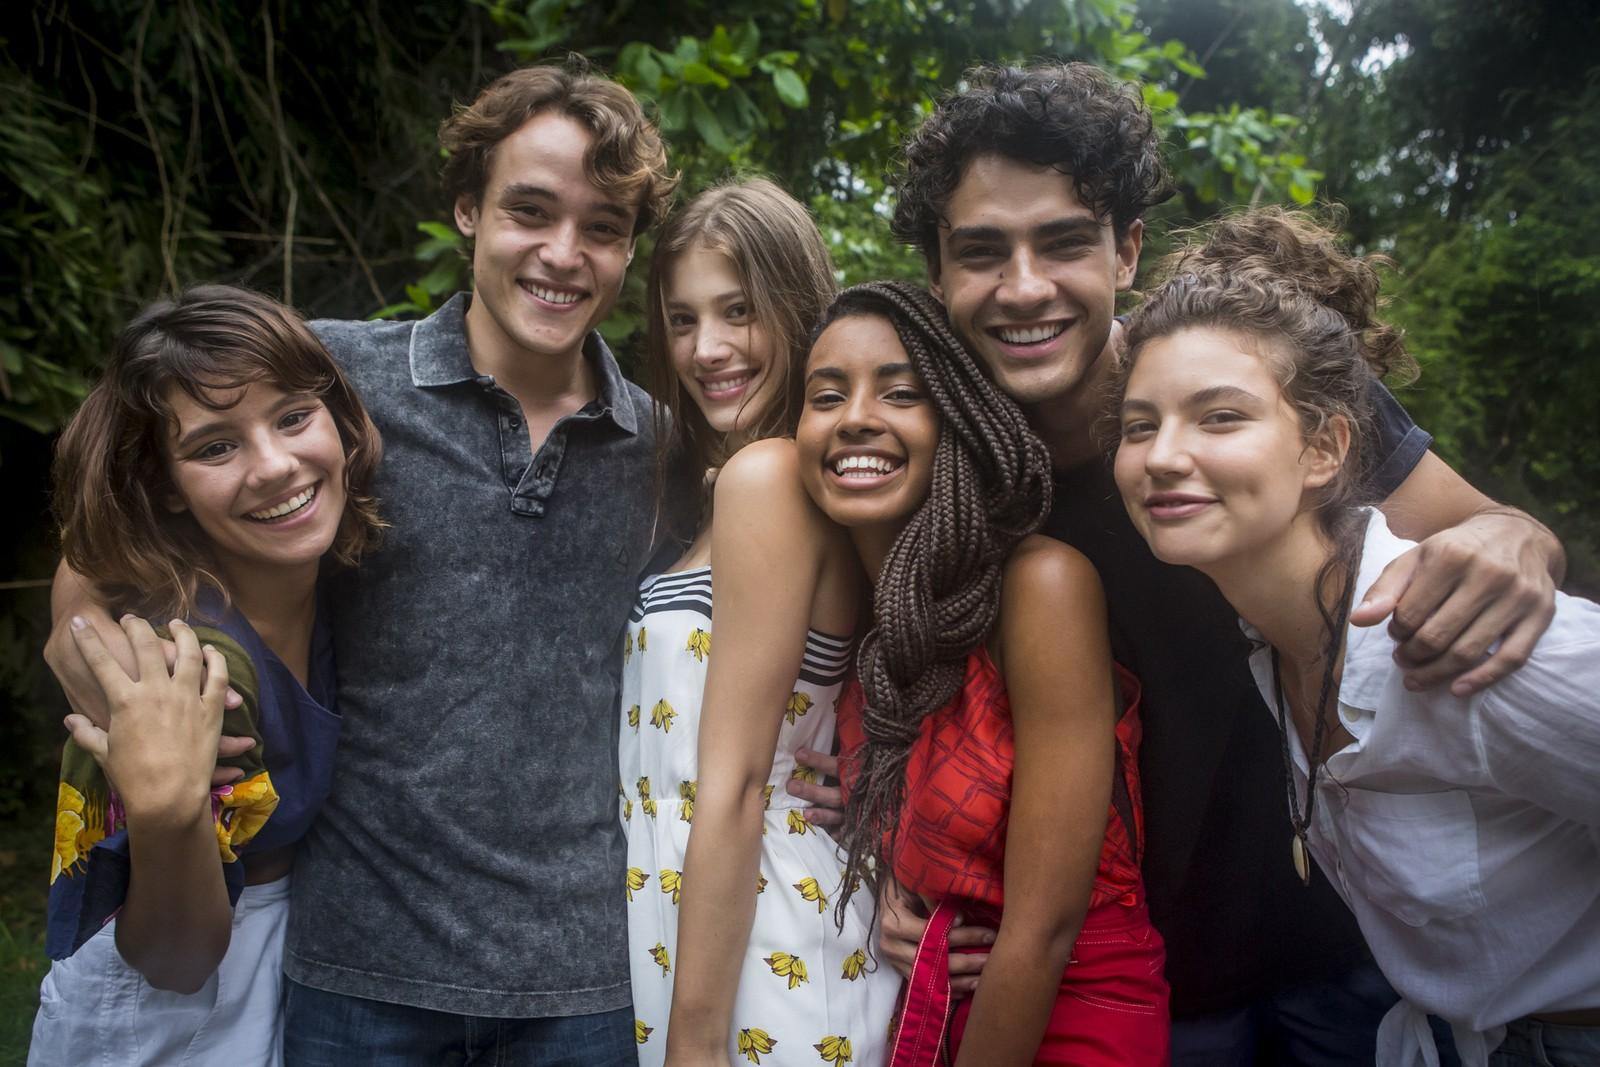 Dora de Assis (Raíssa), Danilo Maia (Thiago), Caroline Dallarosa (Anjinha), Gabz (Jaqueline), Pedro Alves (Guga) e Alanis Guillen (Rita) são os protagonistas de Malhação Toda Forma de Amar